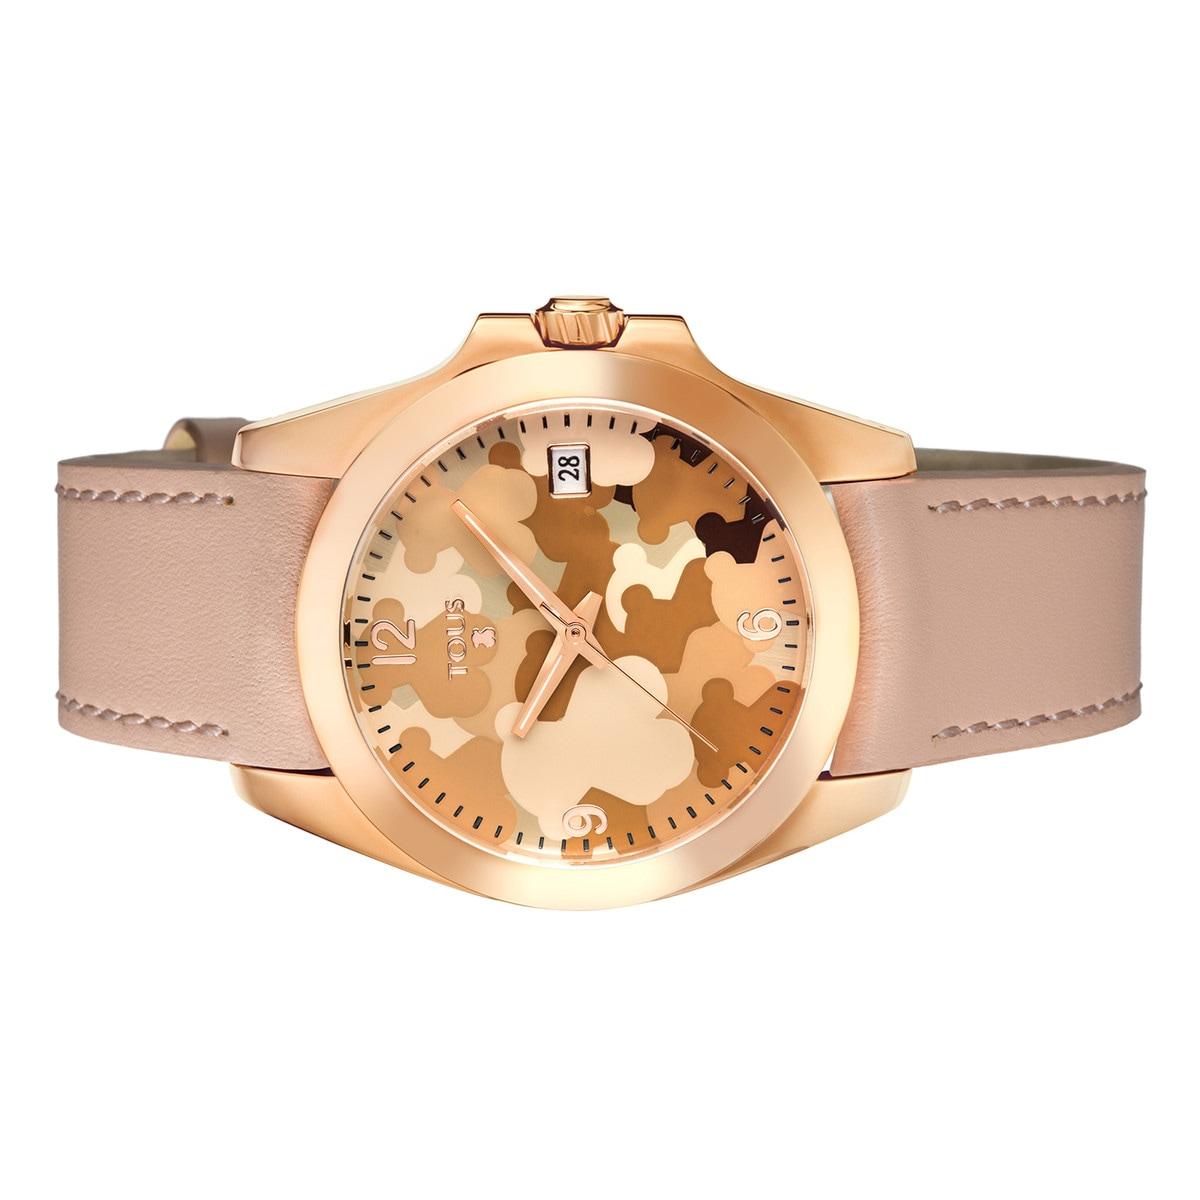 d238bb7c5277 Reloj Drive Camuflaje de acero IP rosado con correa de piel nude ...